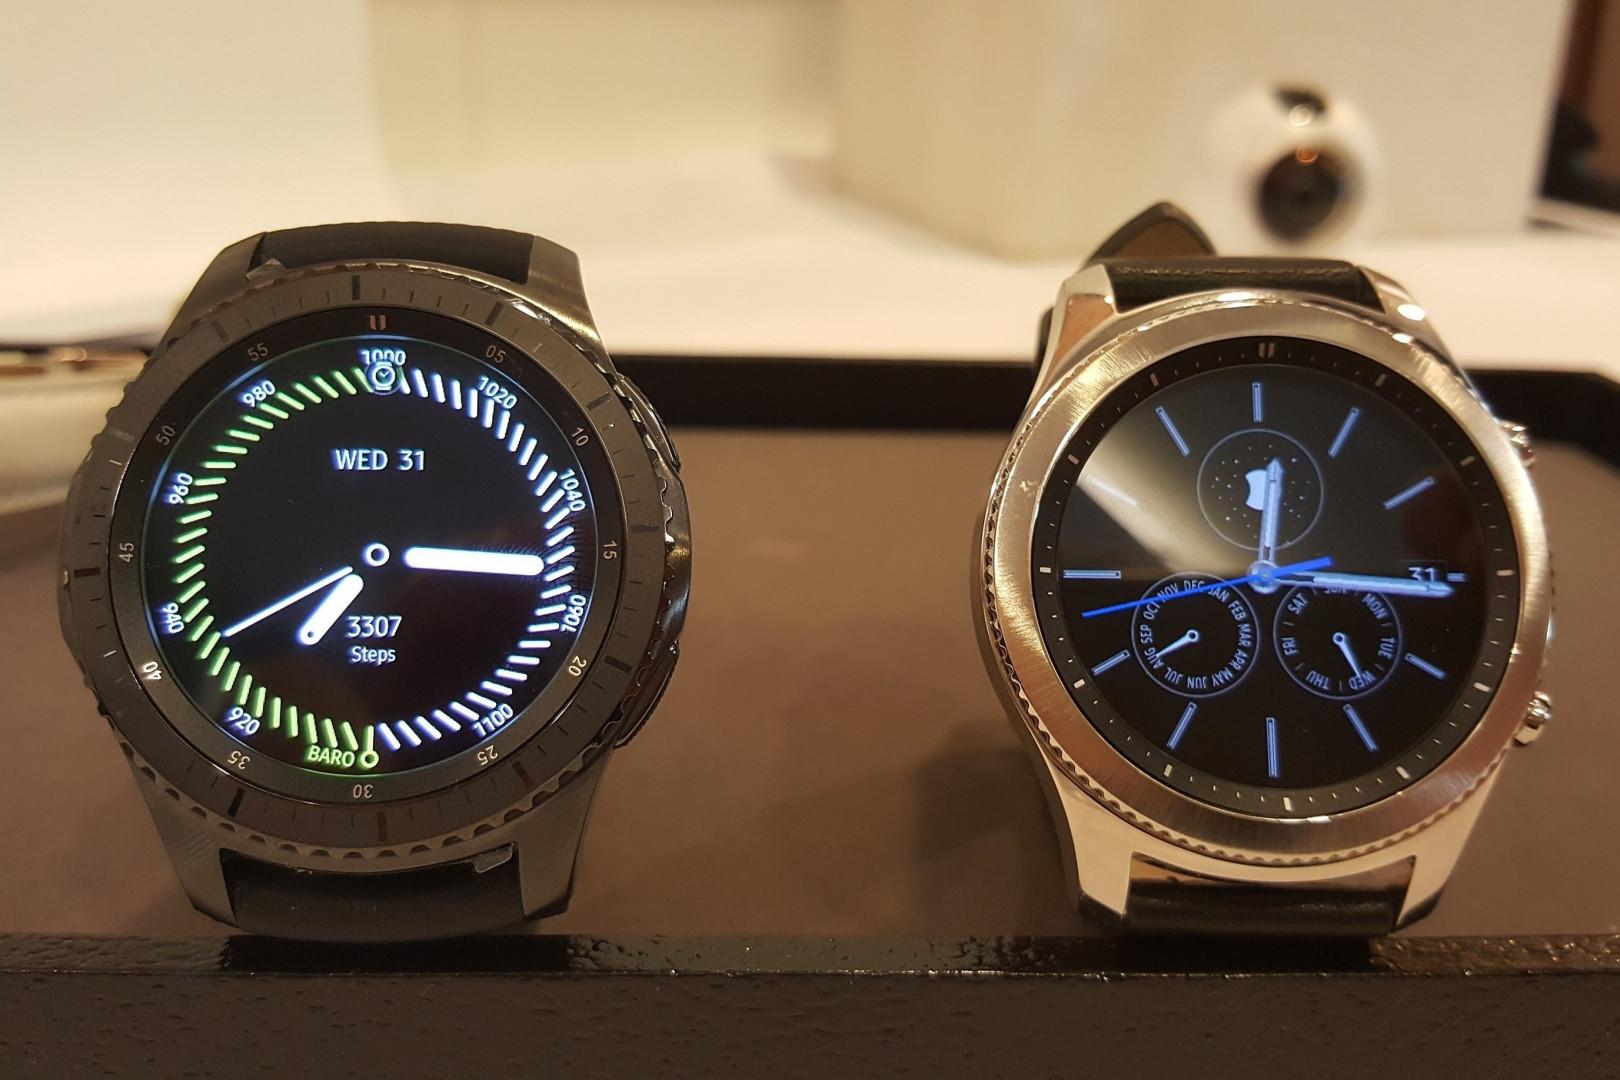 La nouvelle montre Gear S3 de Samsung